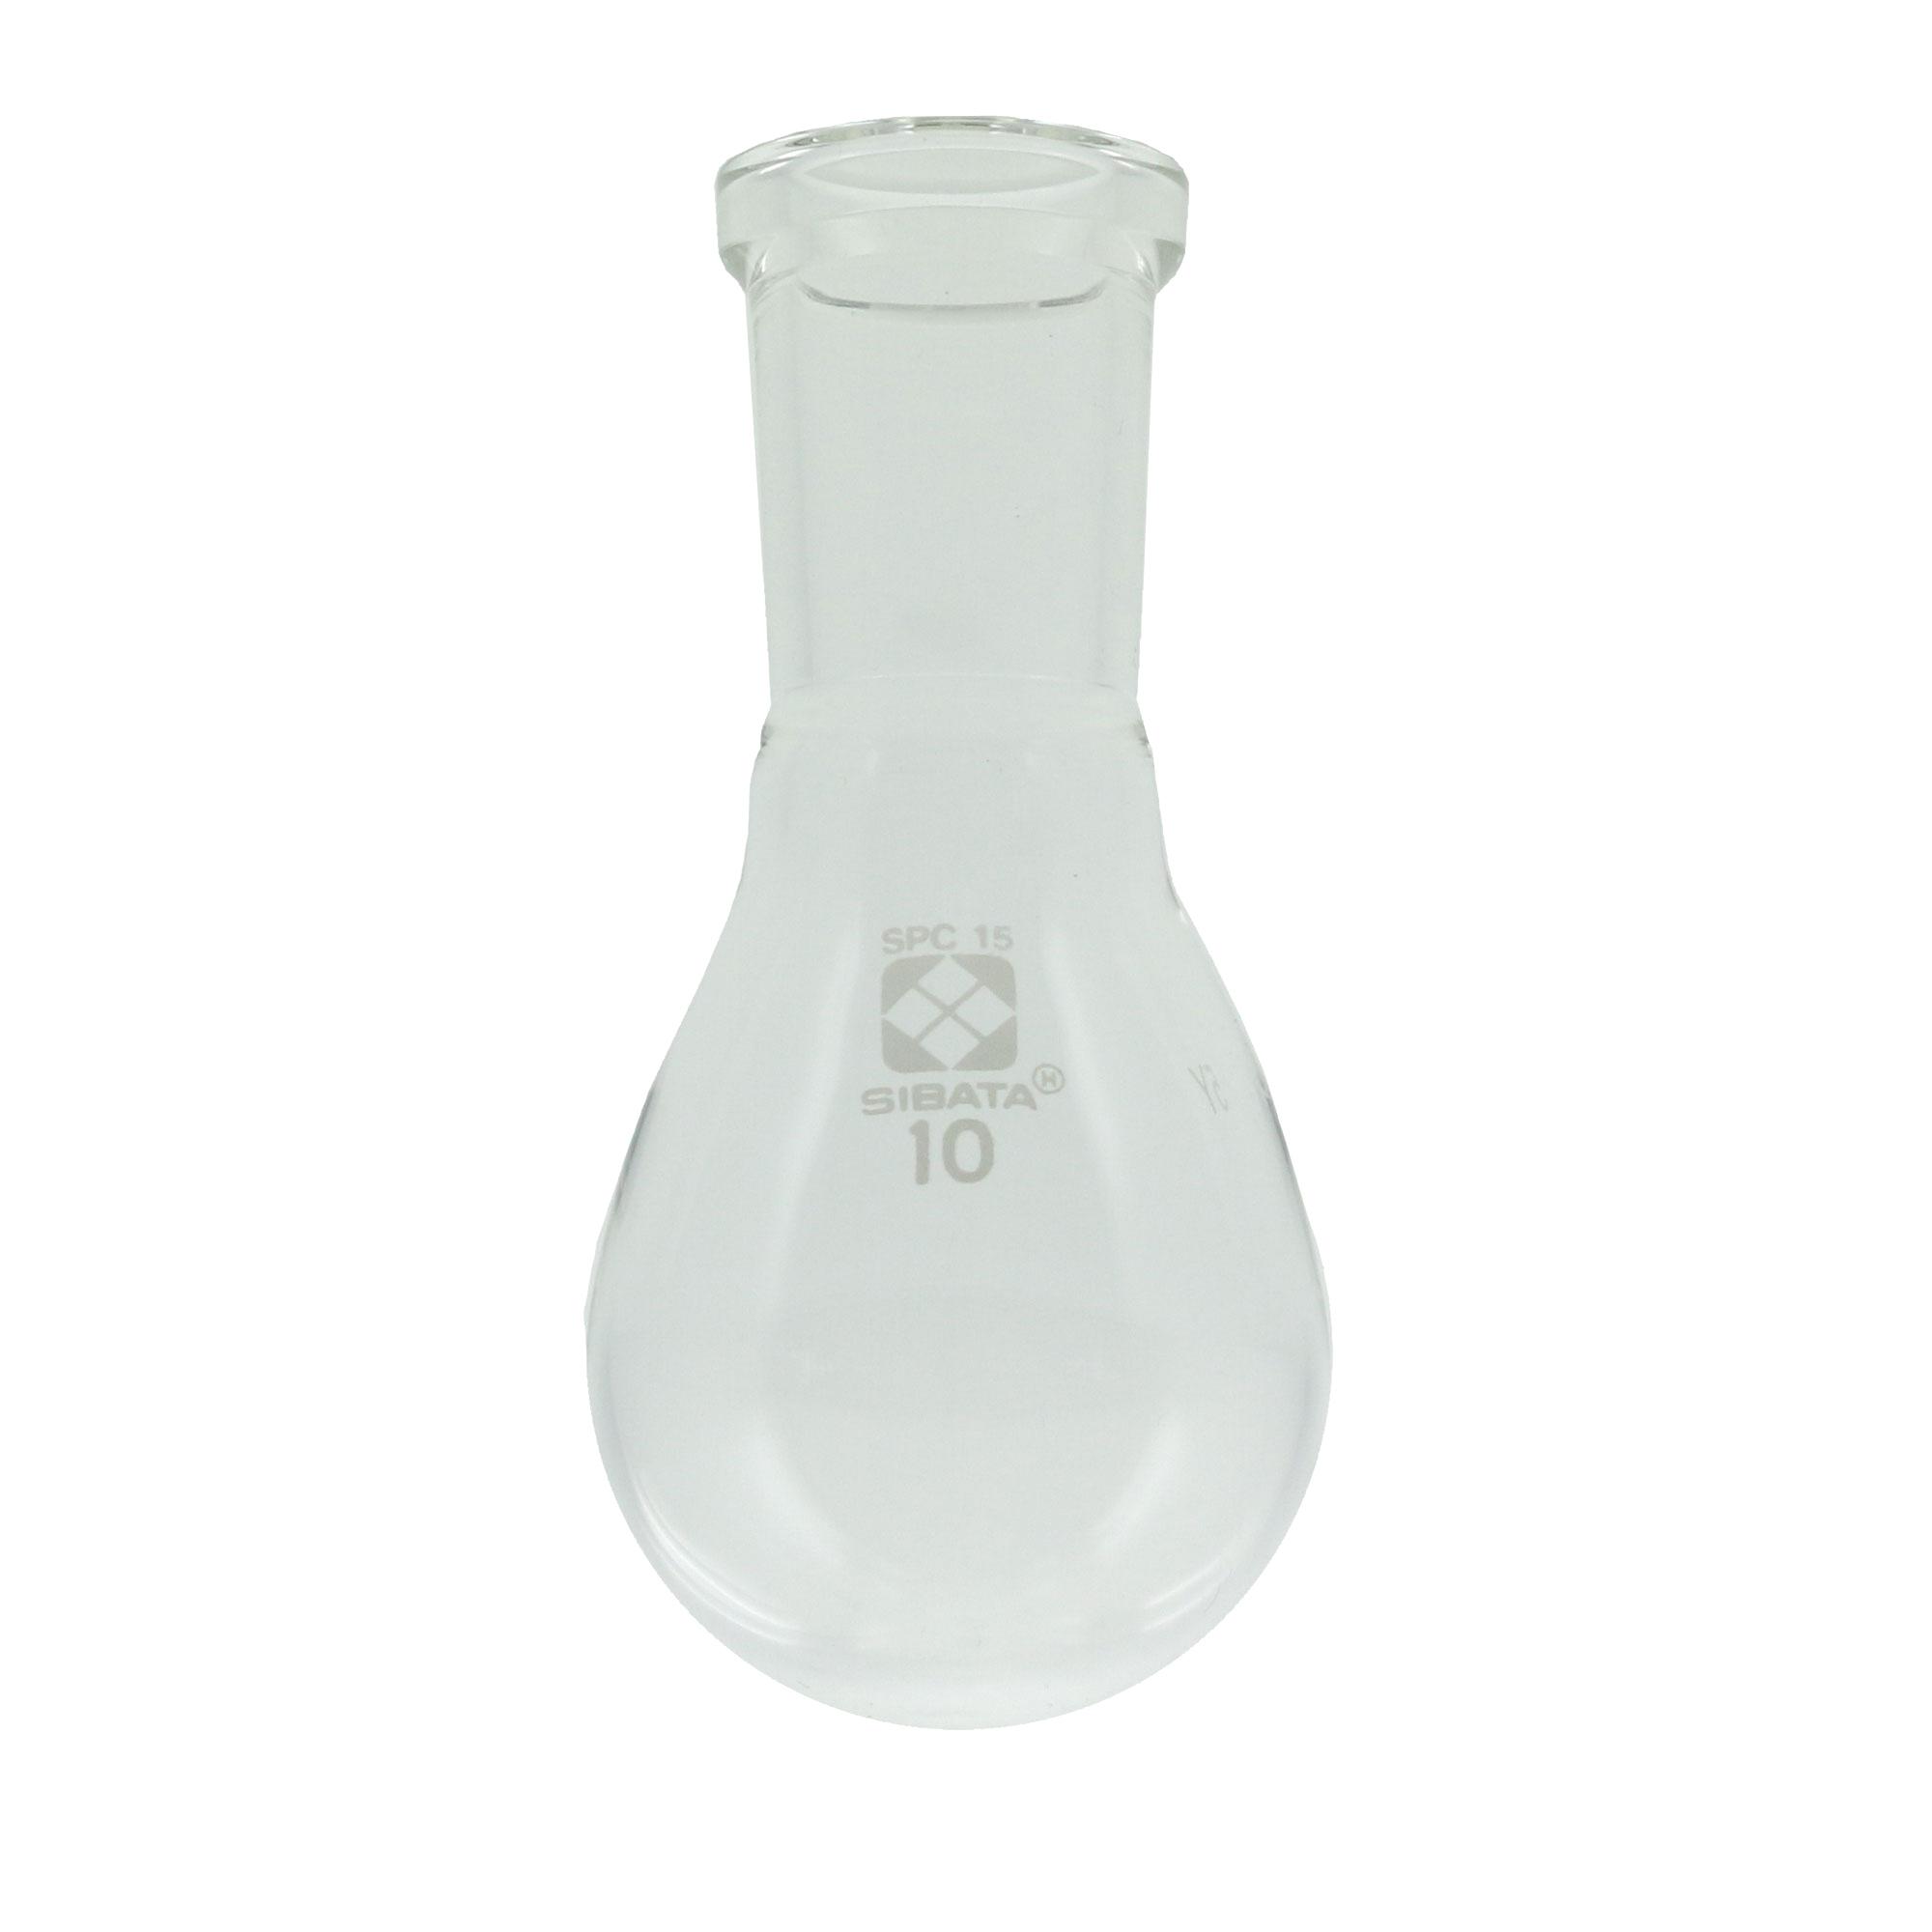 SPCなす形フラスコ 10mL SPC-15